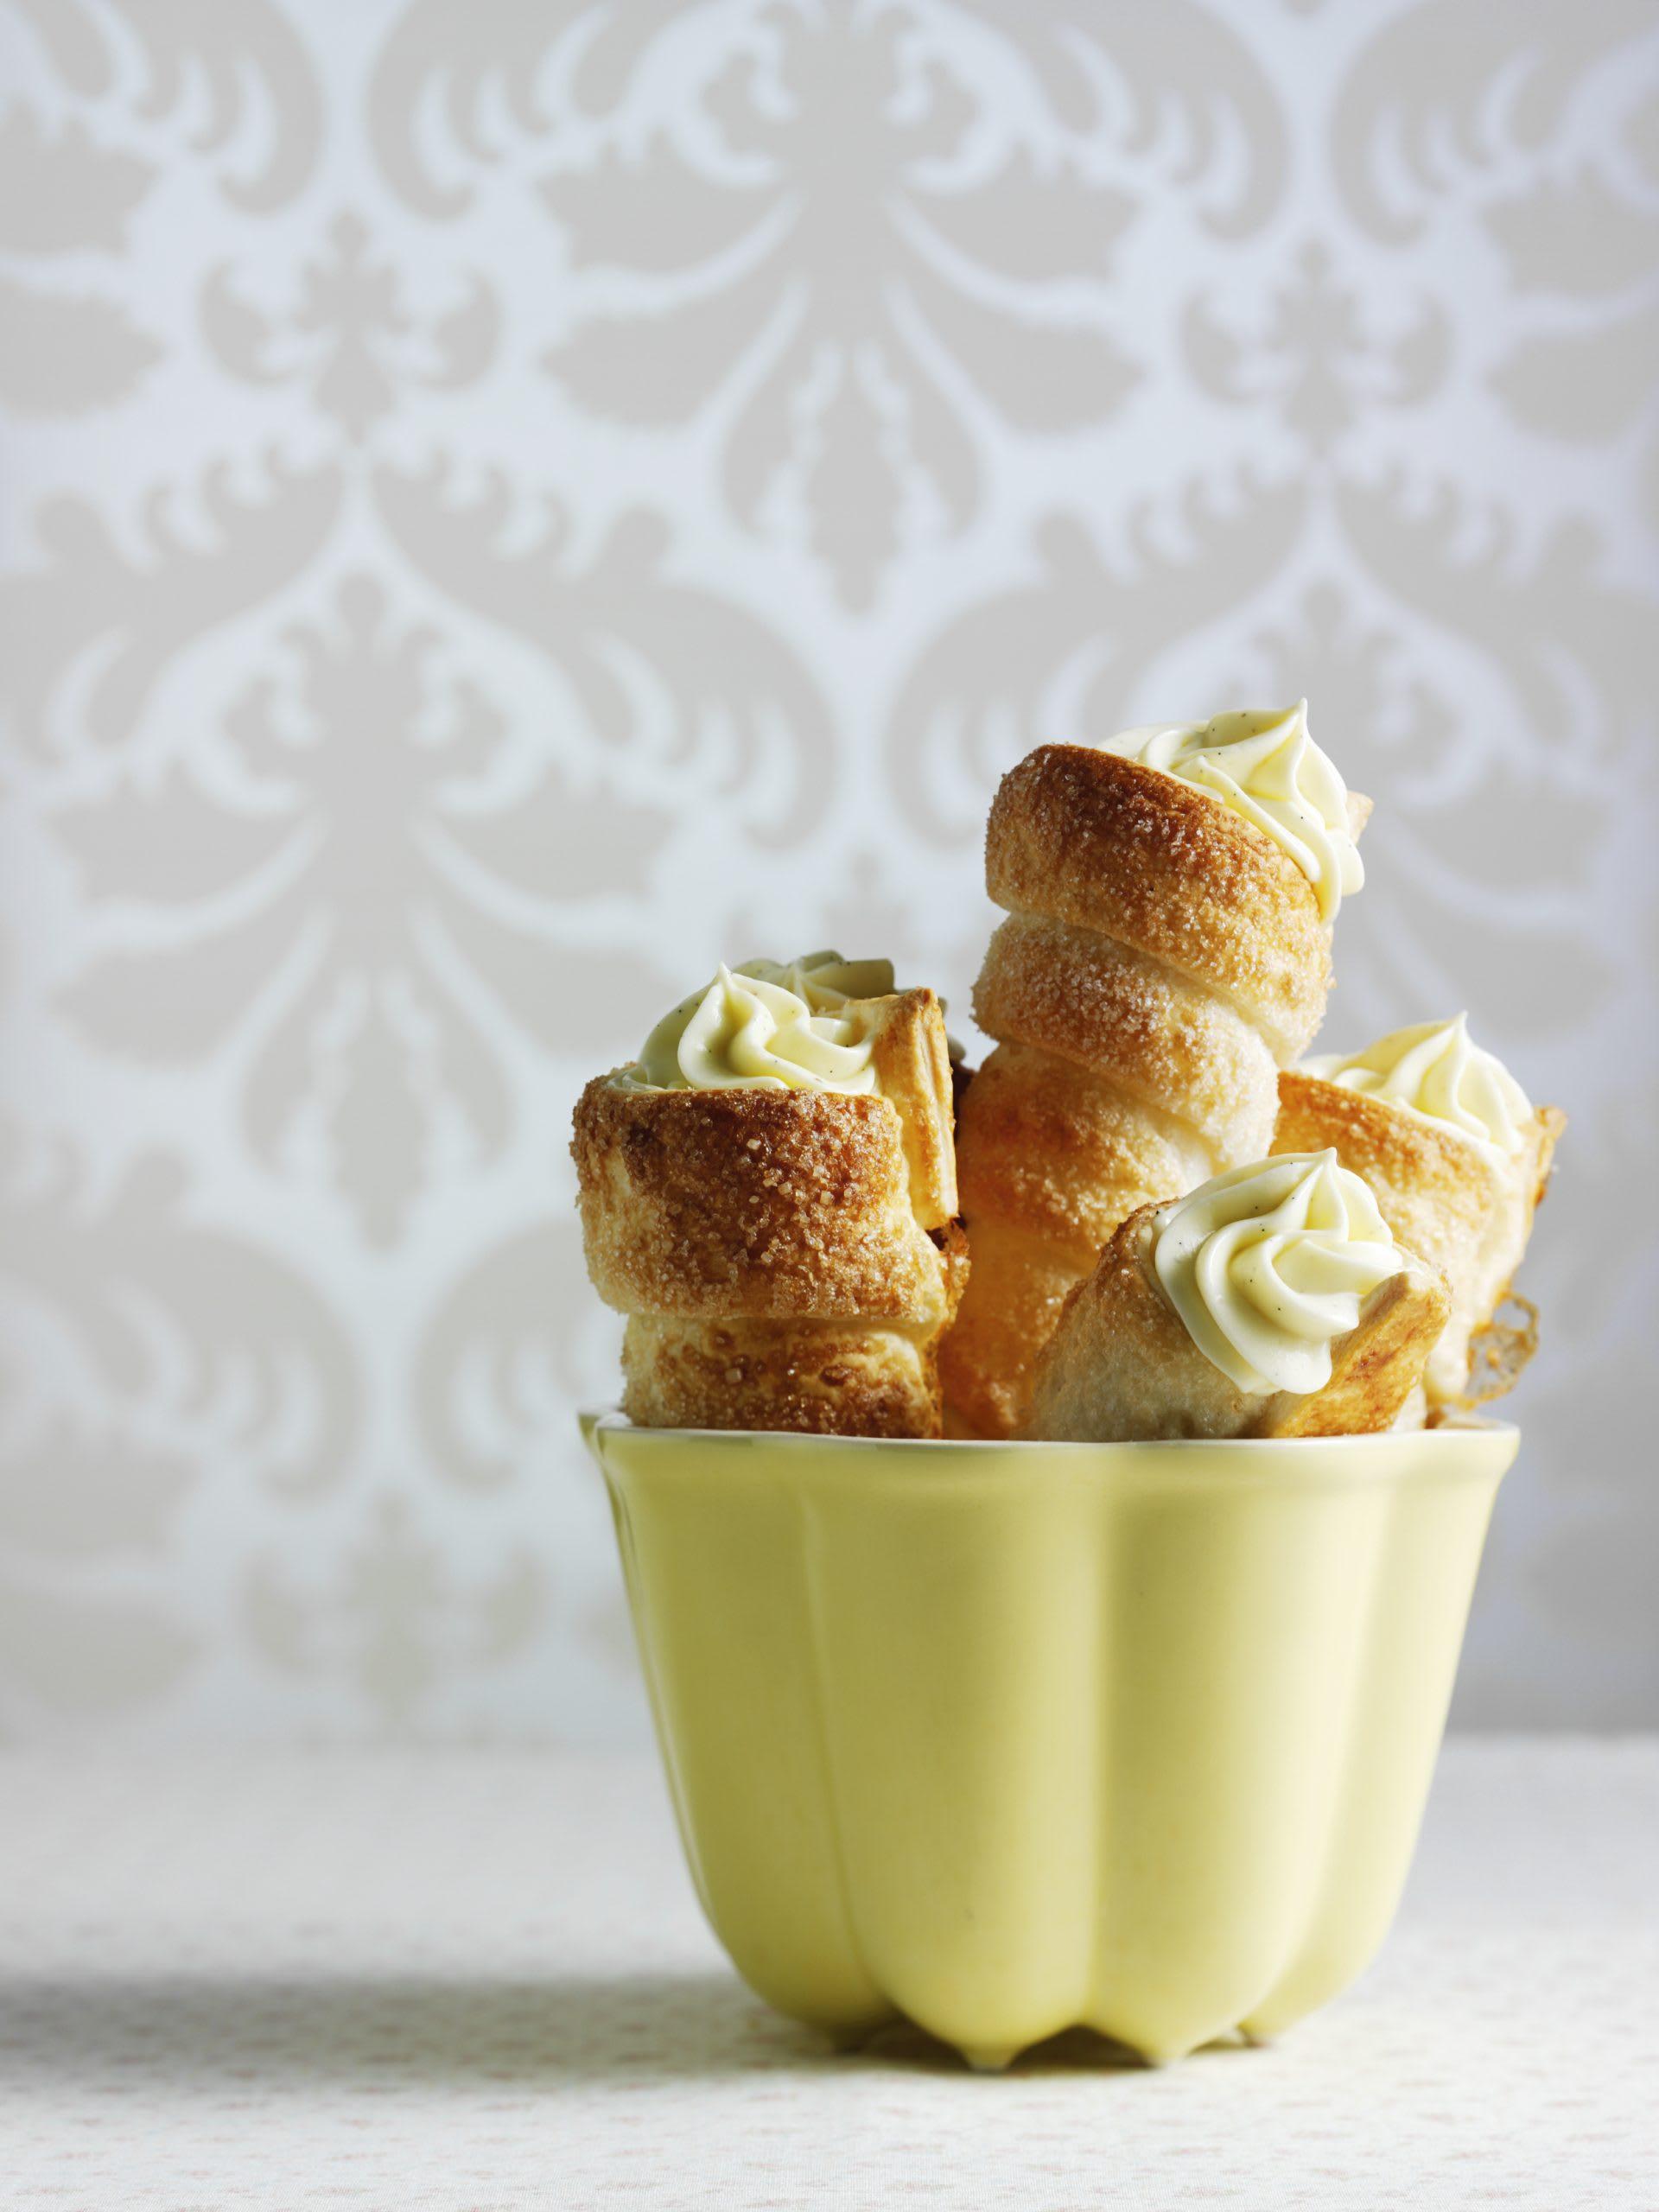 Cornets à la vanille